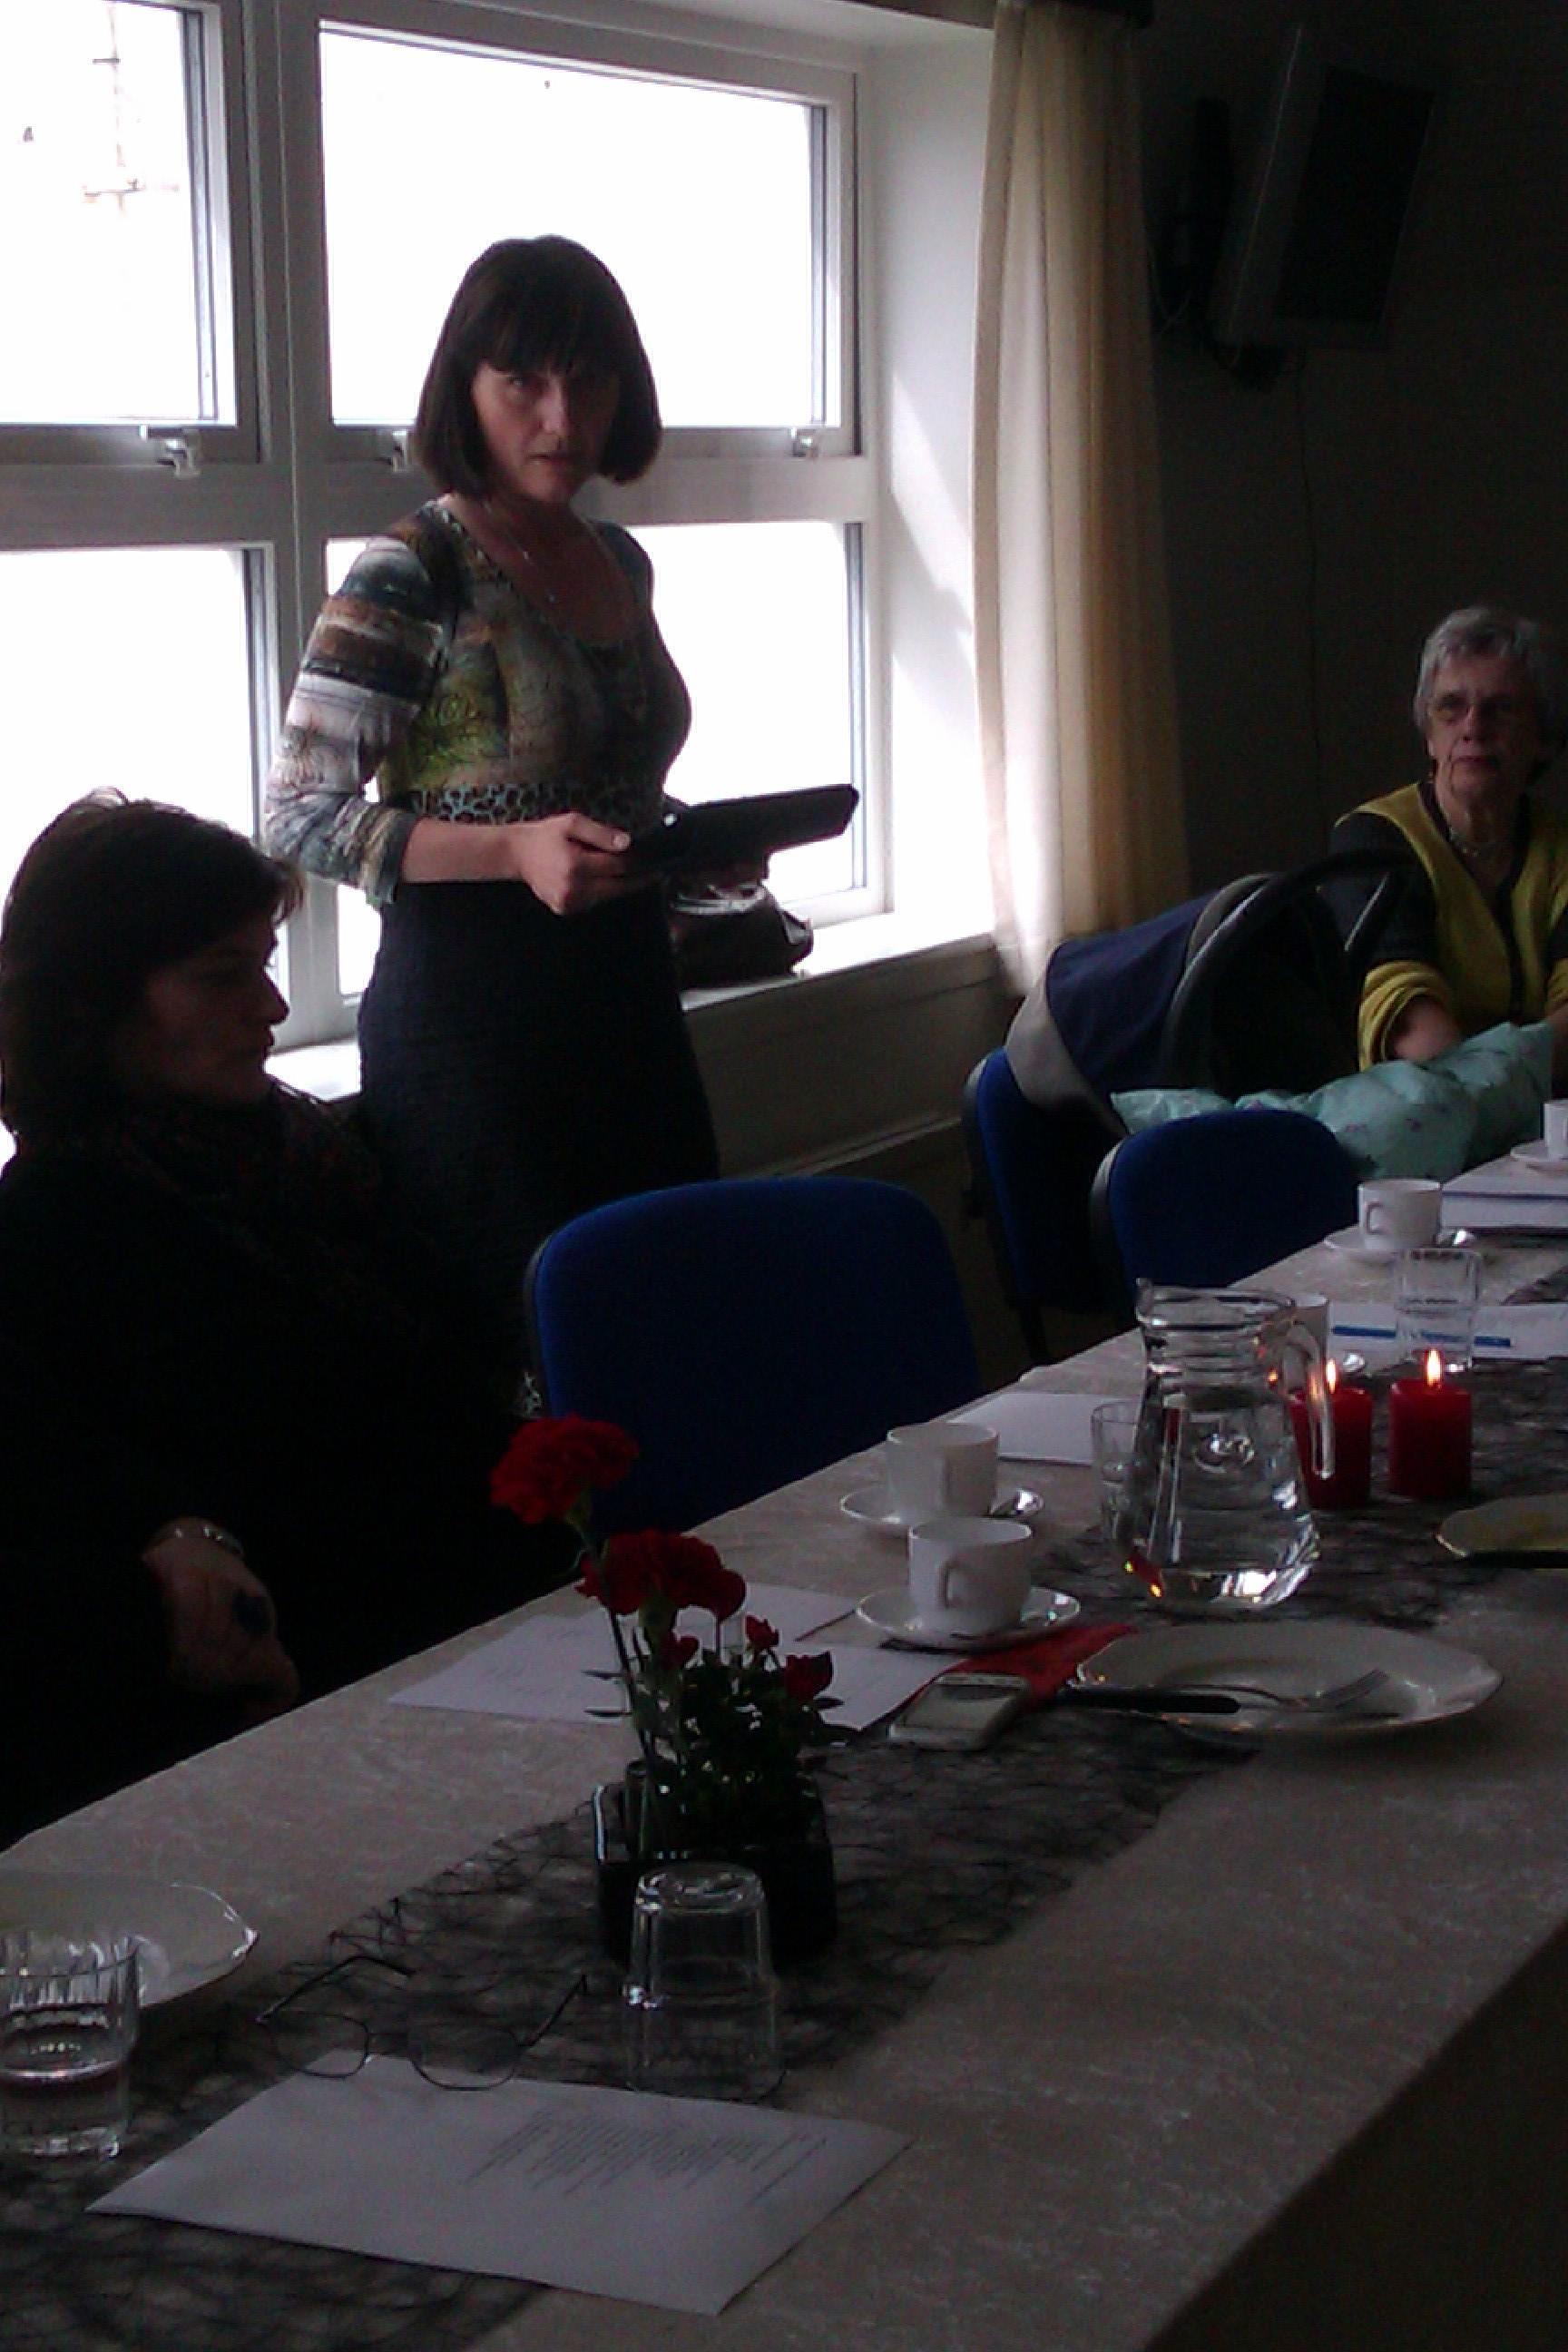 Annika Næs Johannessen lesur ársfrágreiðing frá Valkyrjunum. Ársfundur 2012. Kongshavnar Kvinnufelag vertinnur.